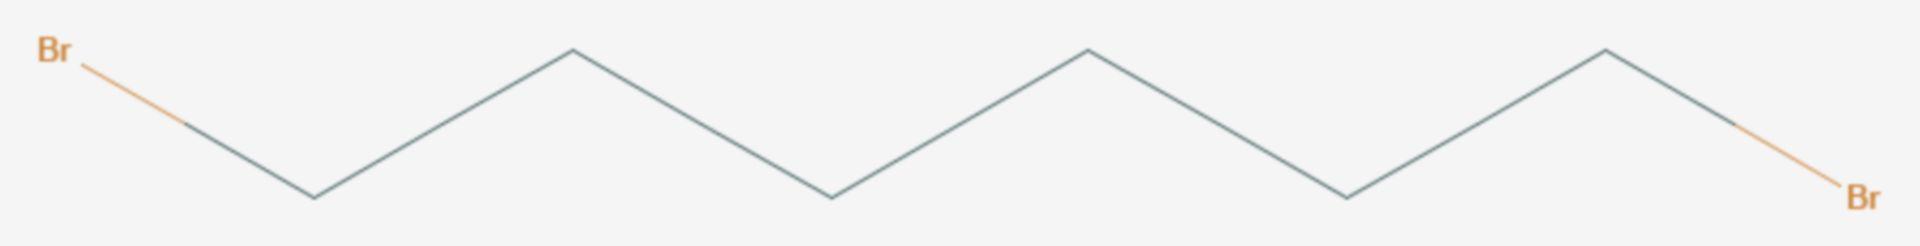 1,6-Dibromhexan (Strukturformel)